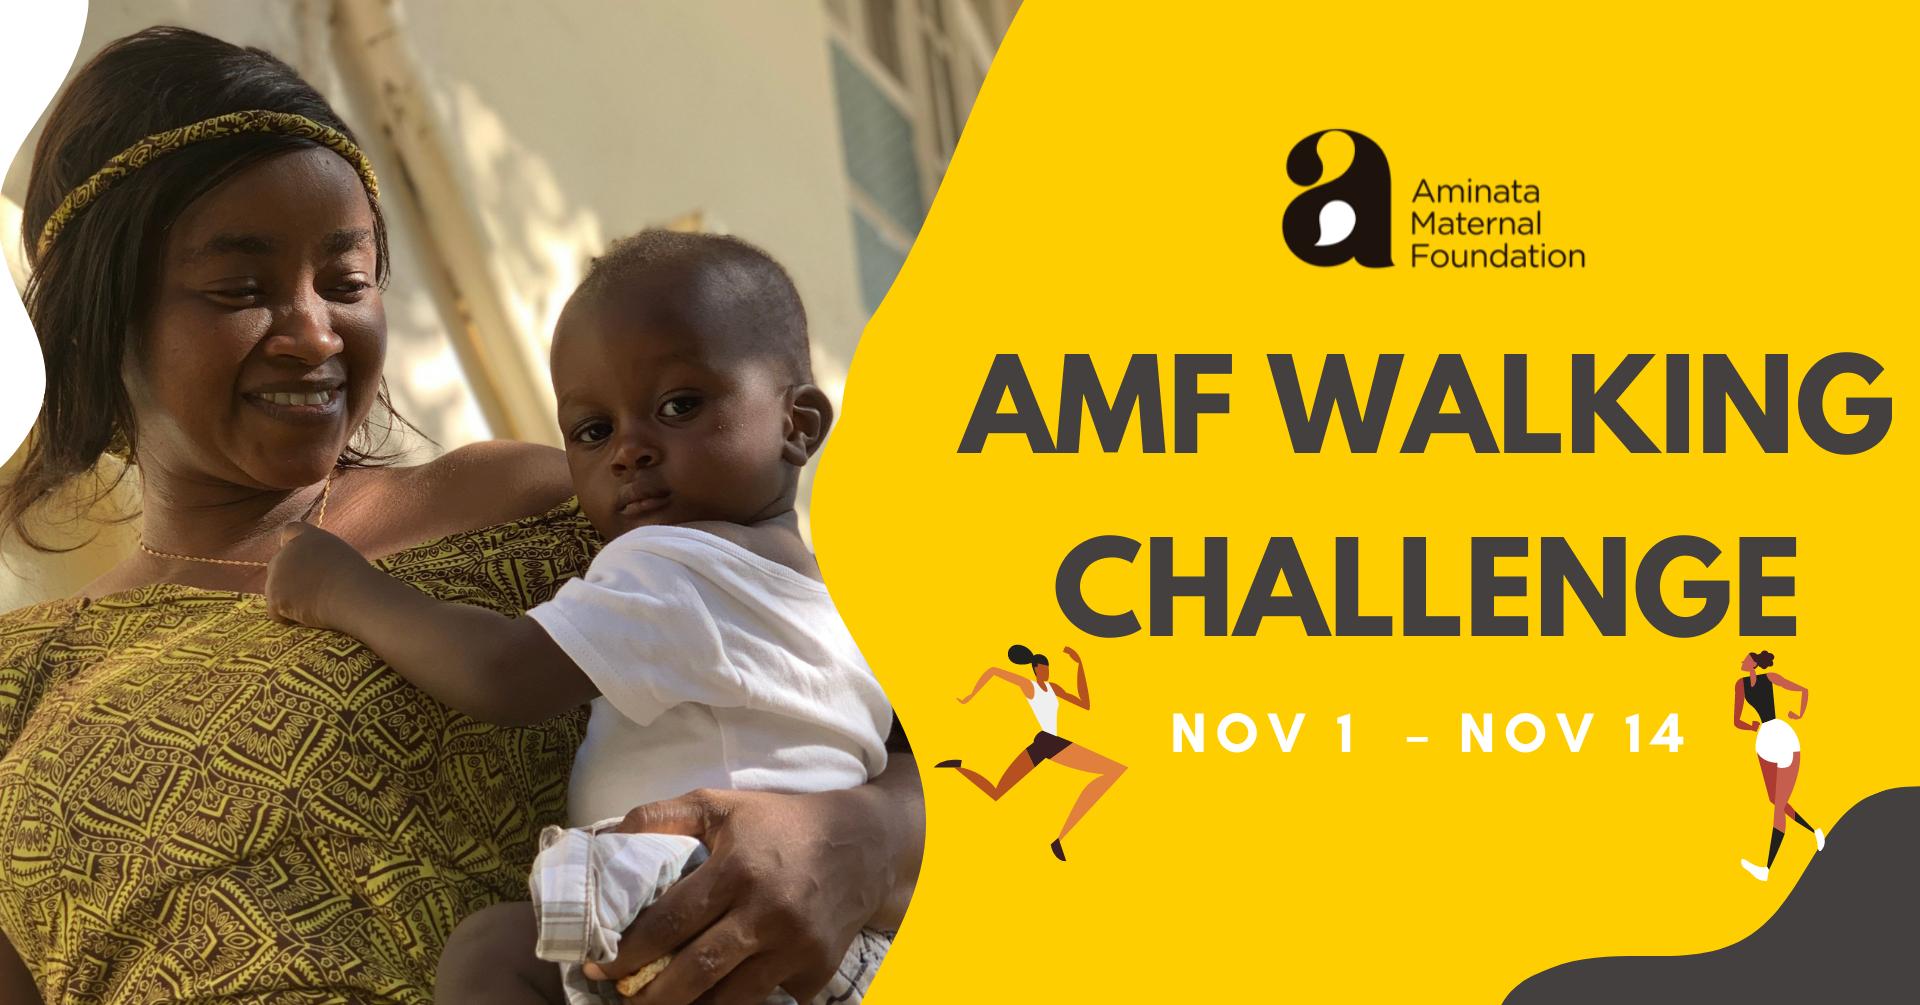 AMF WALKING CHALLENGE (2)